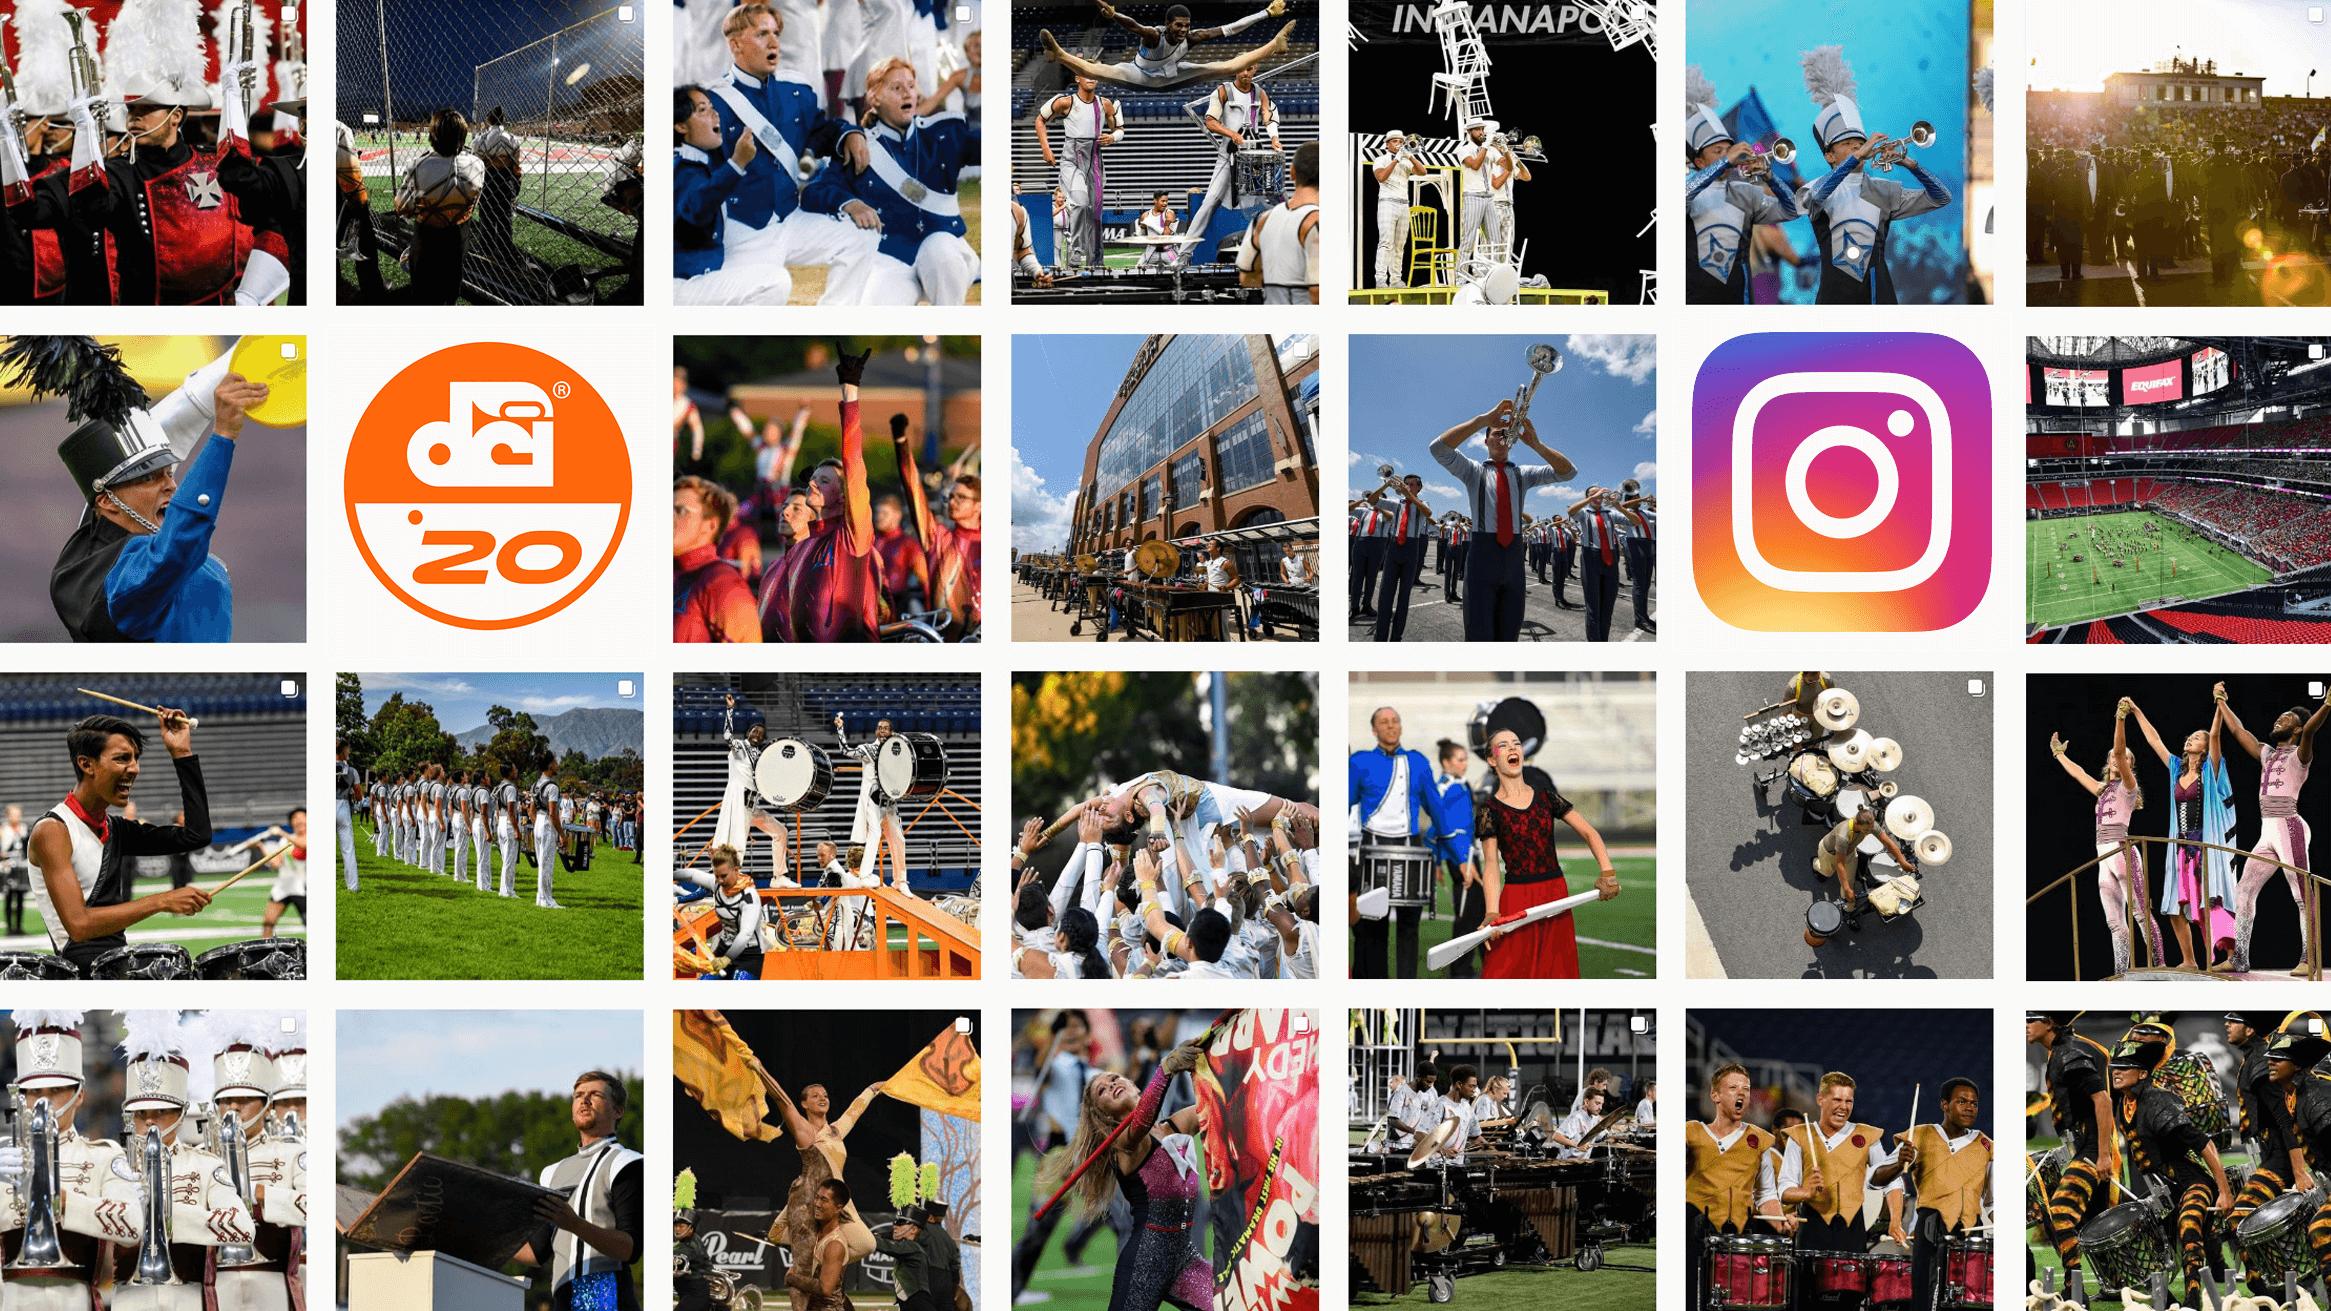 Top 10 Instagram posts of 2020